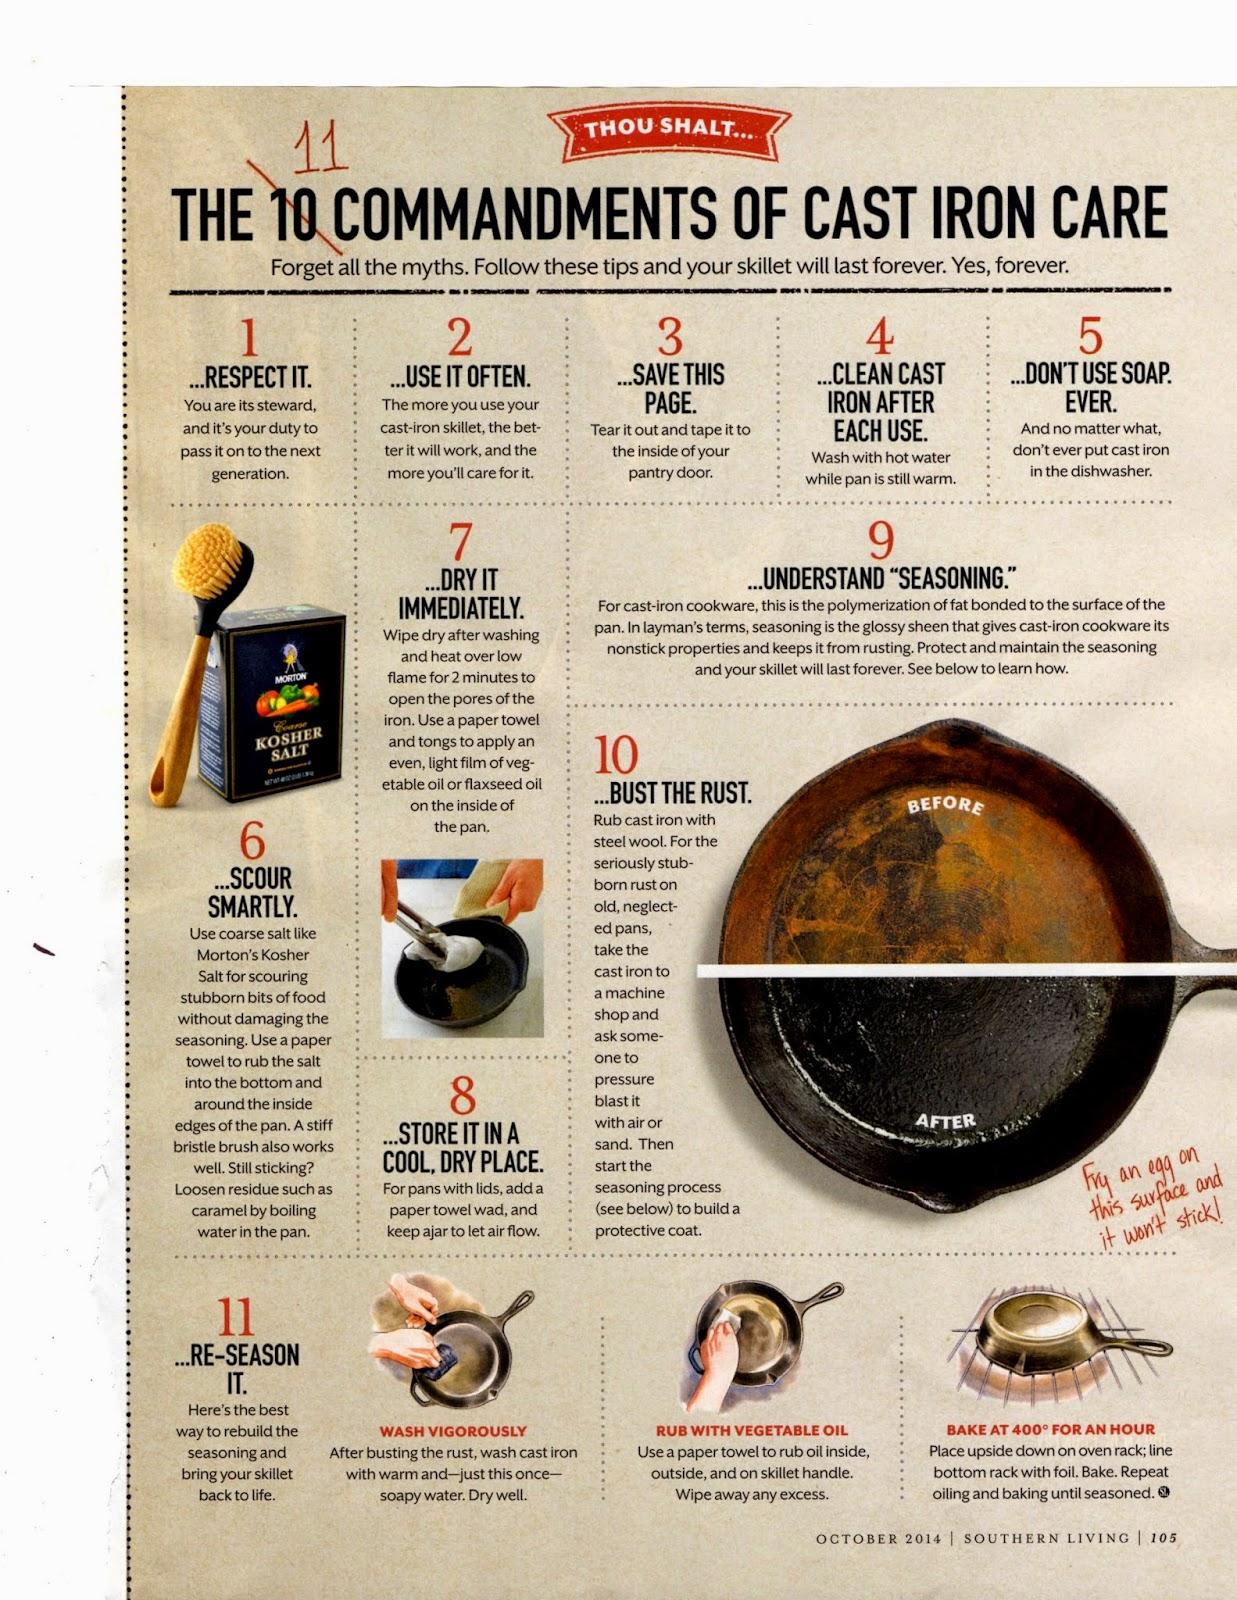 cast iron care